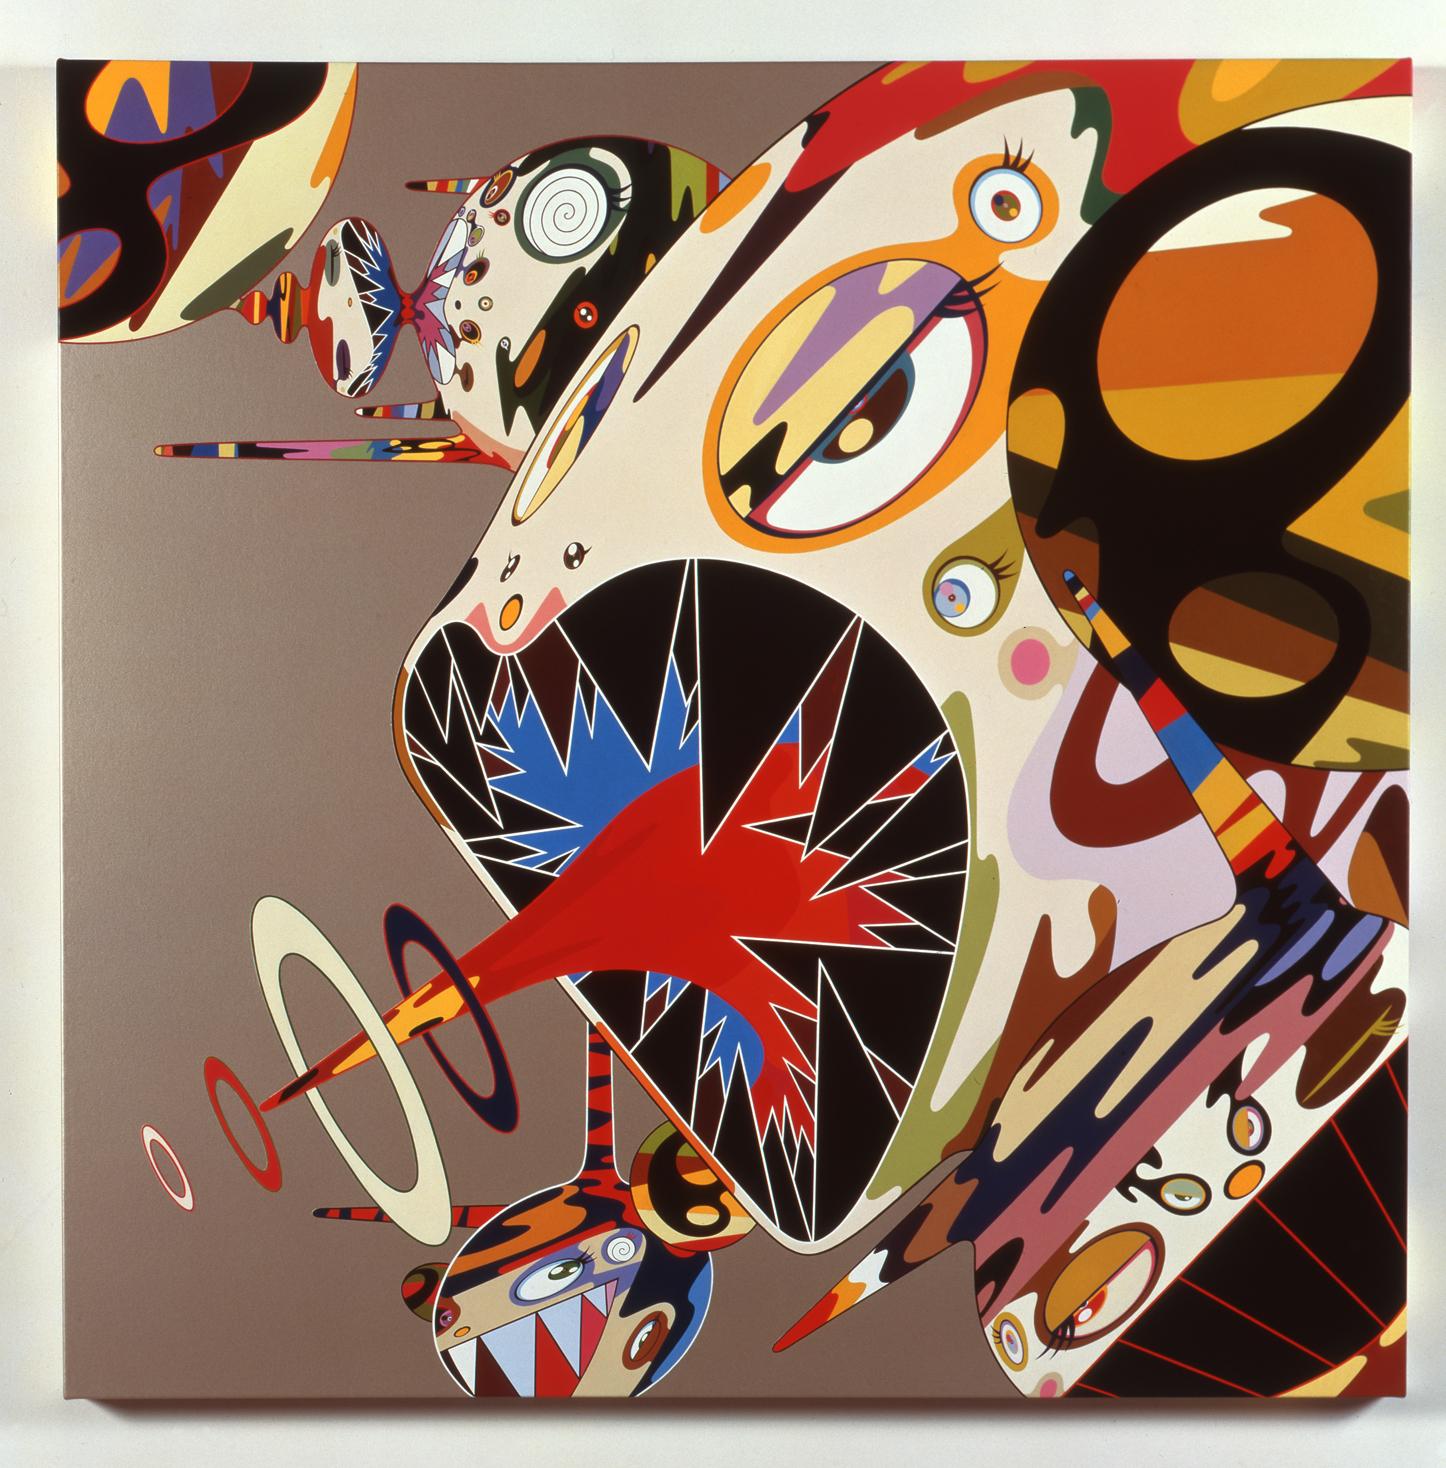 Инстаграмм – вид современного искусства?